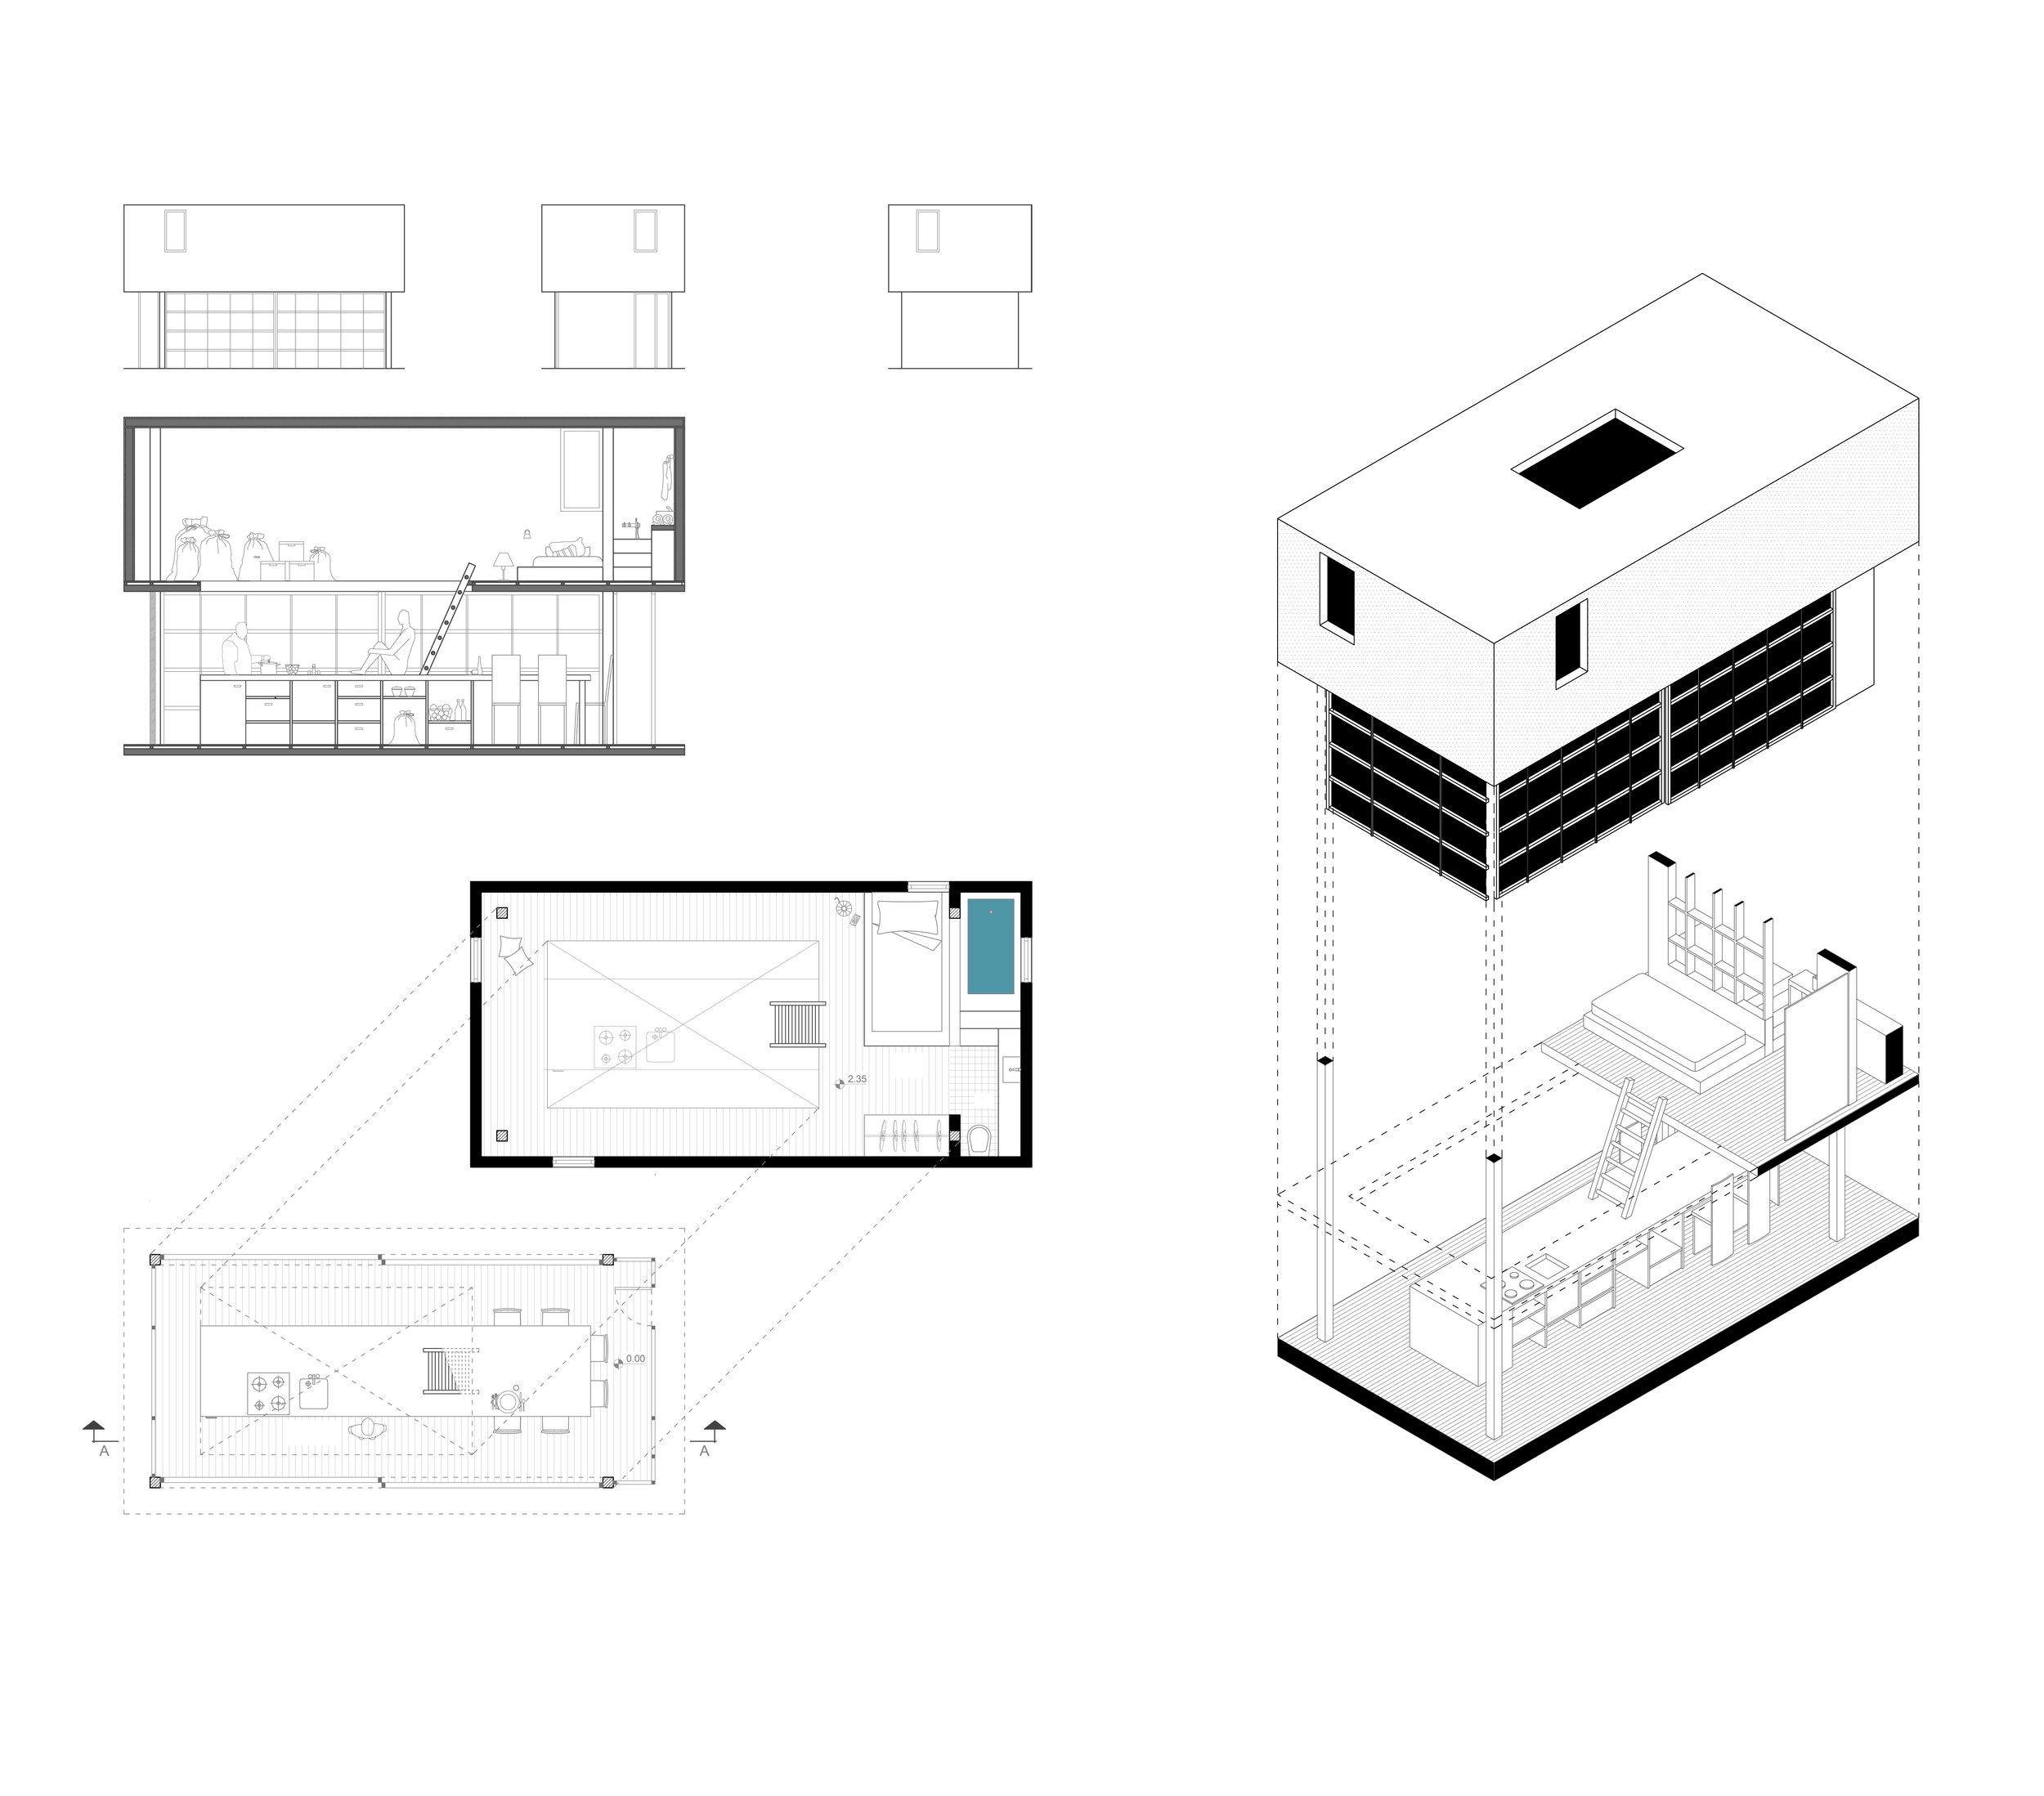 15.workshop room plans.jpg